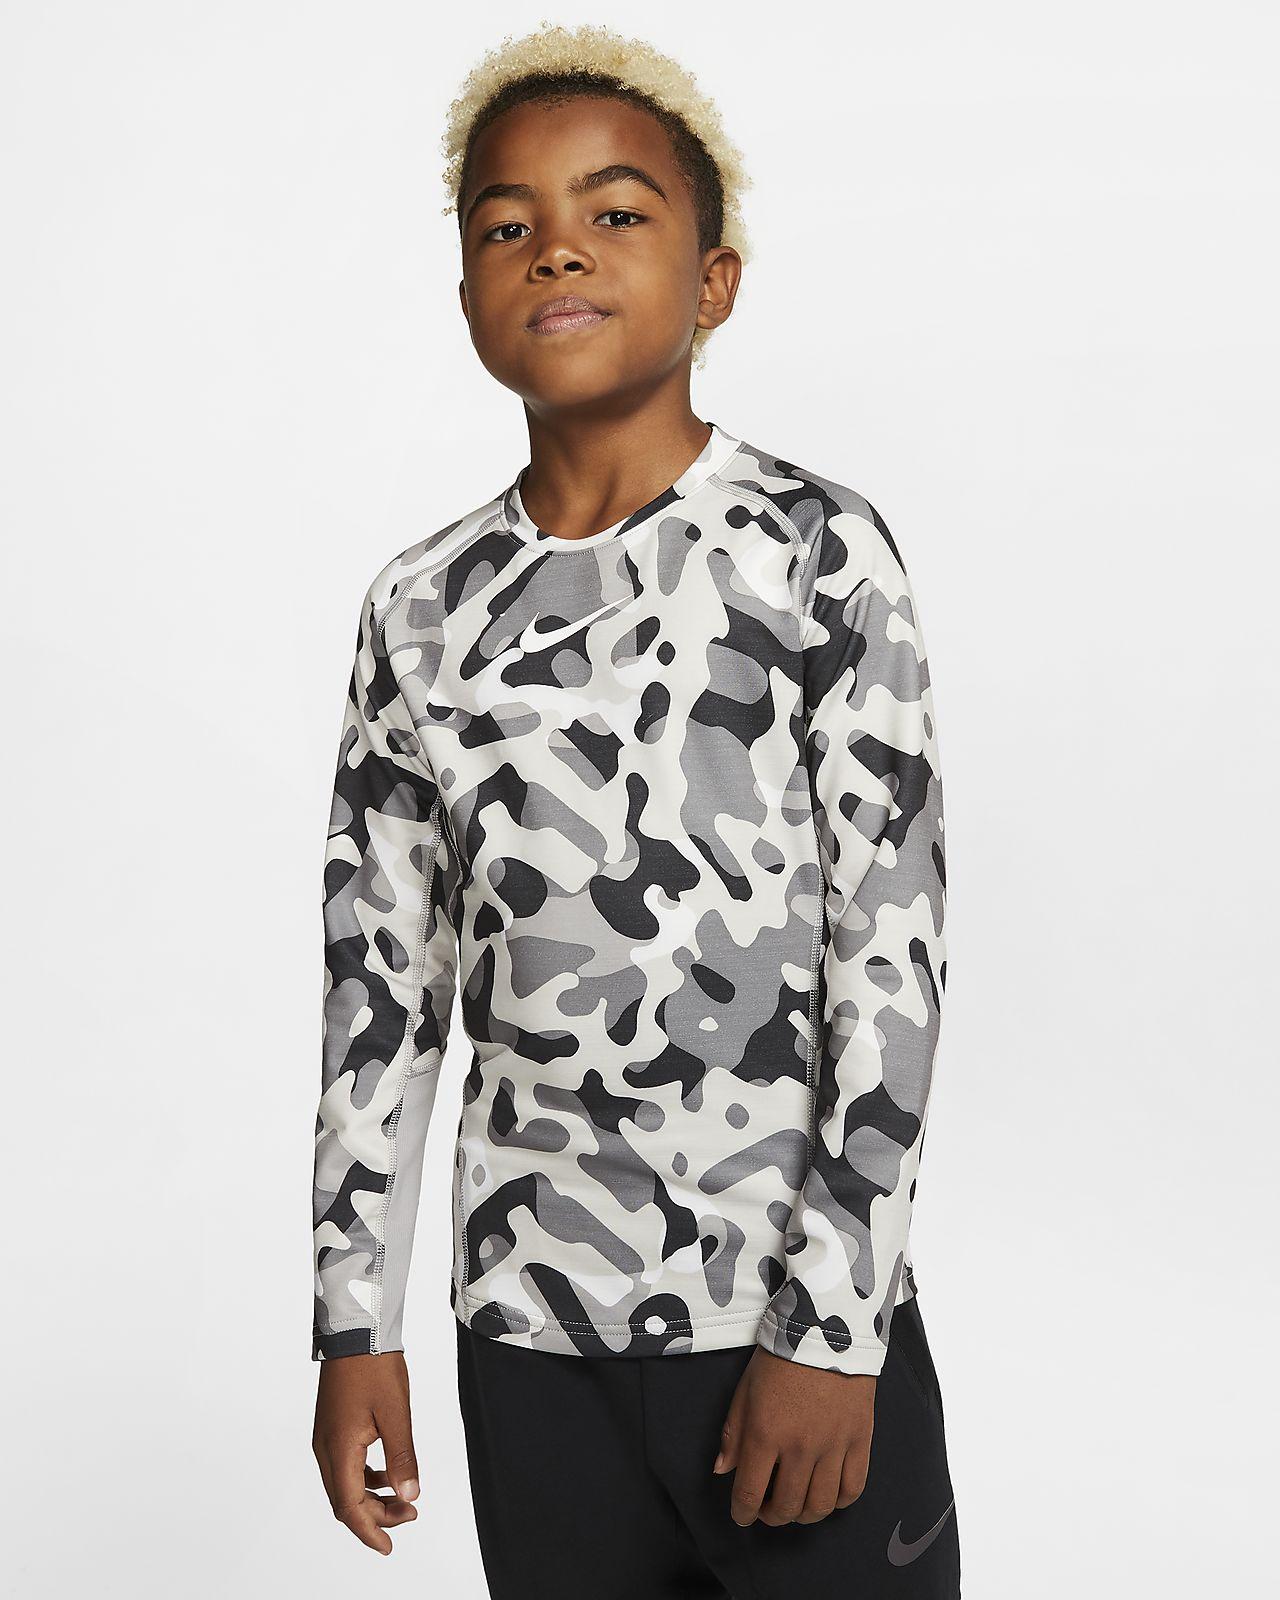 Nike Warm Pro Trainings-Rundhalsshirt mit Print für ältere Kinder (Jungen)